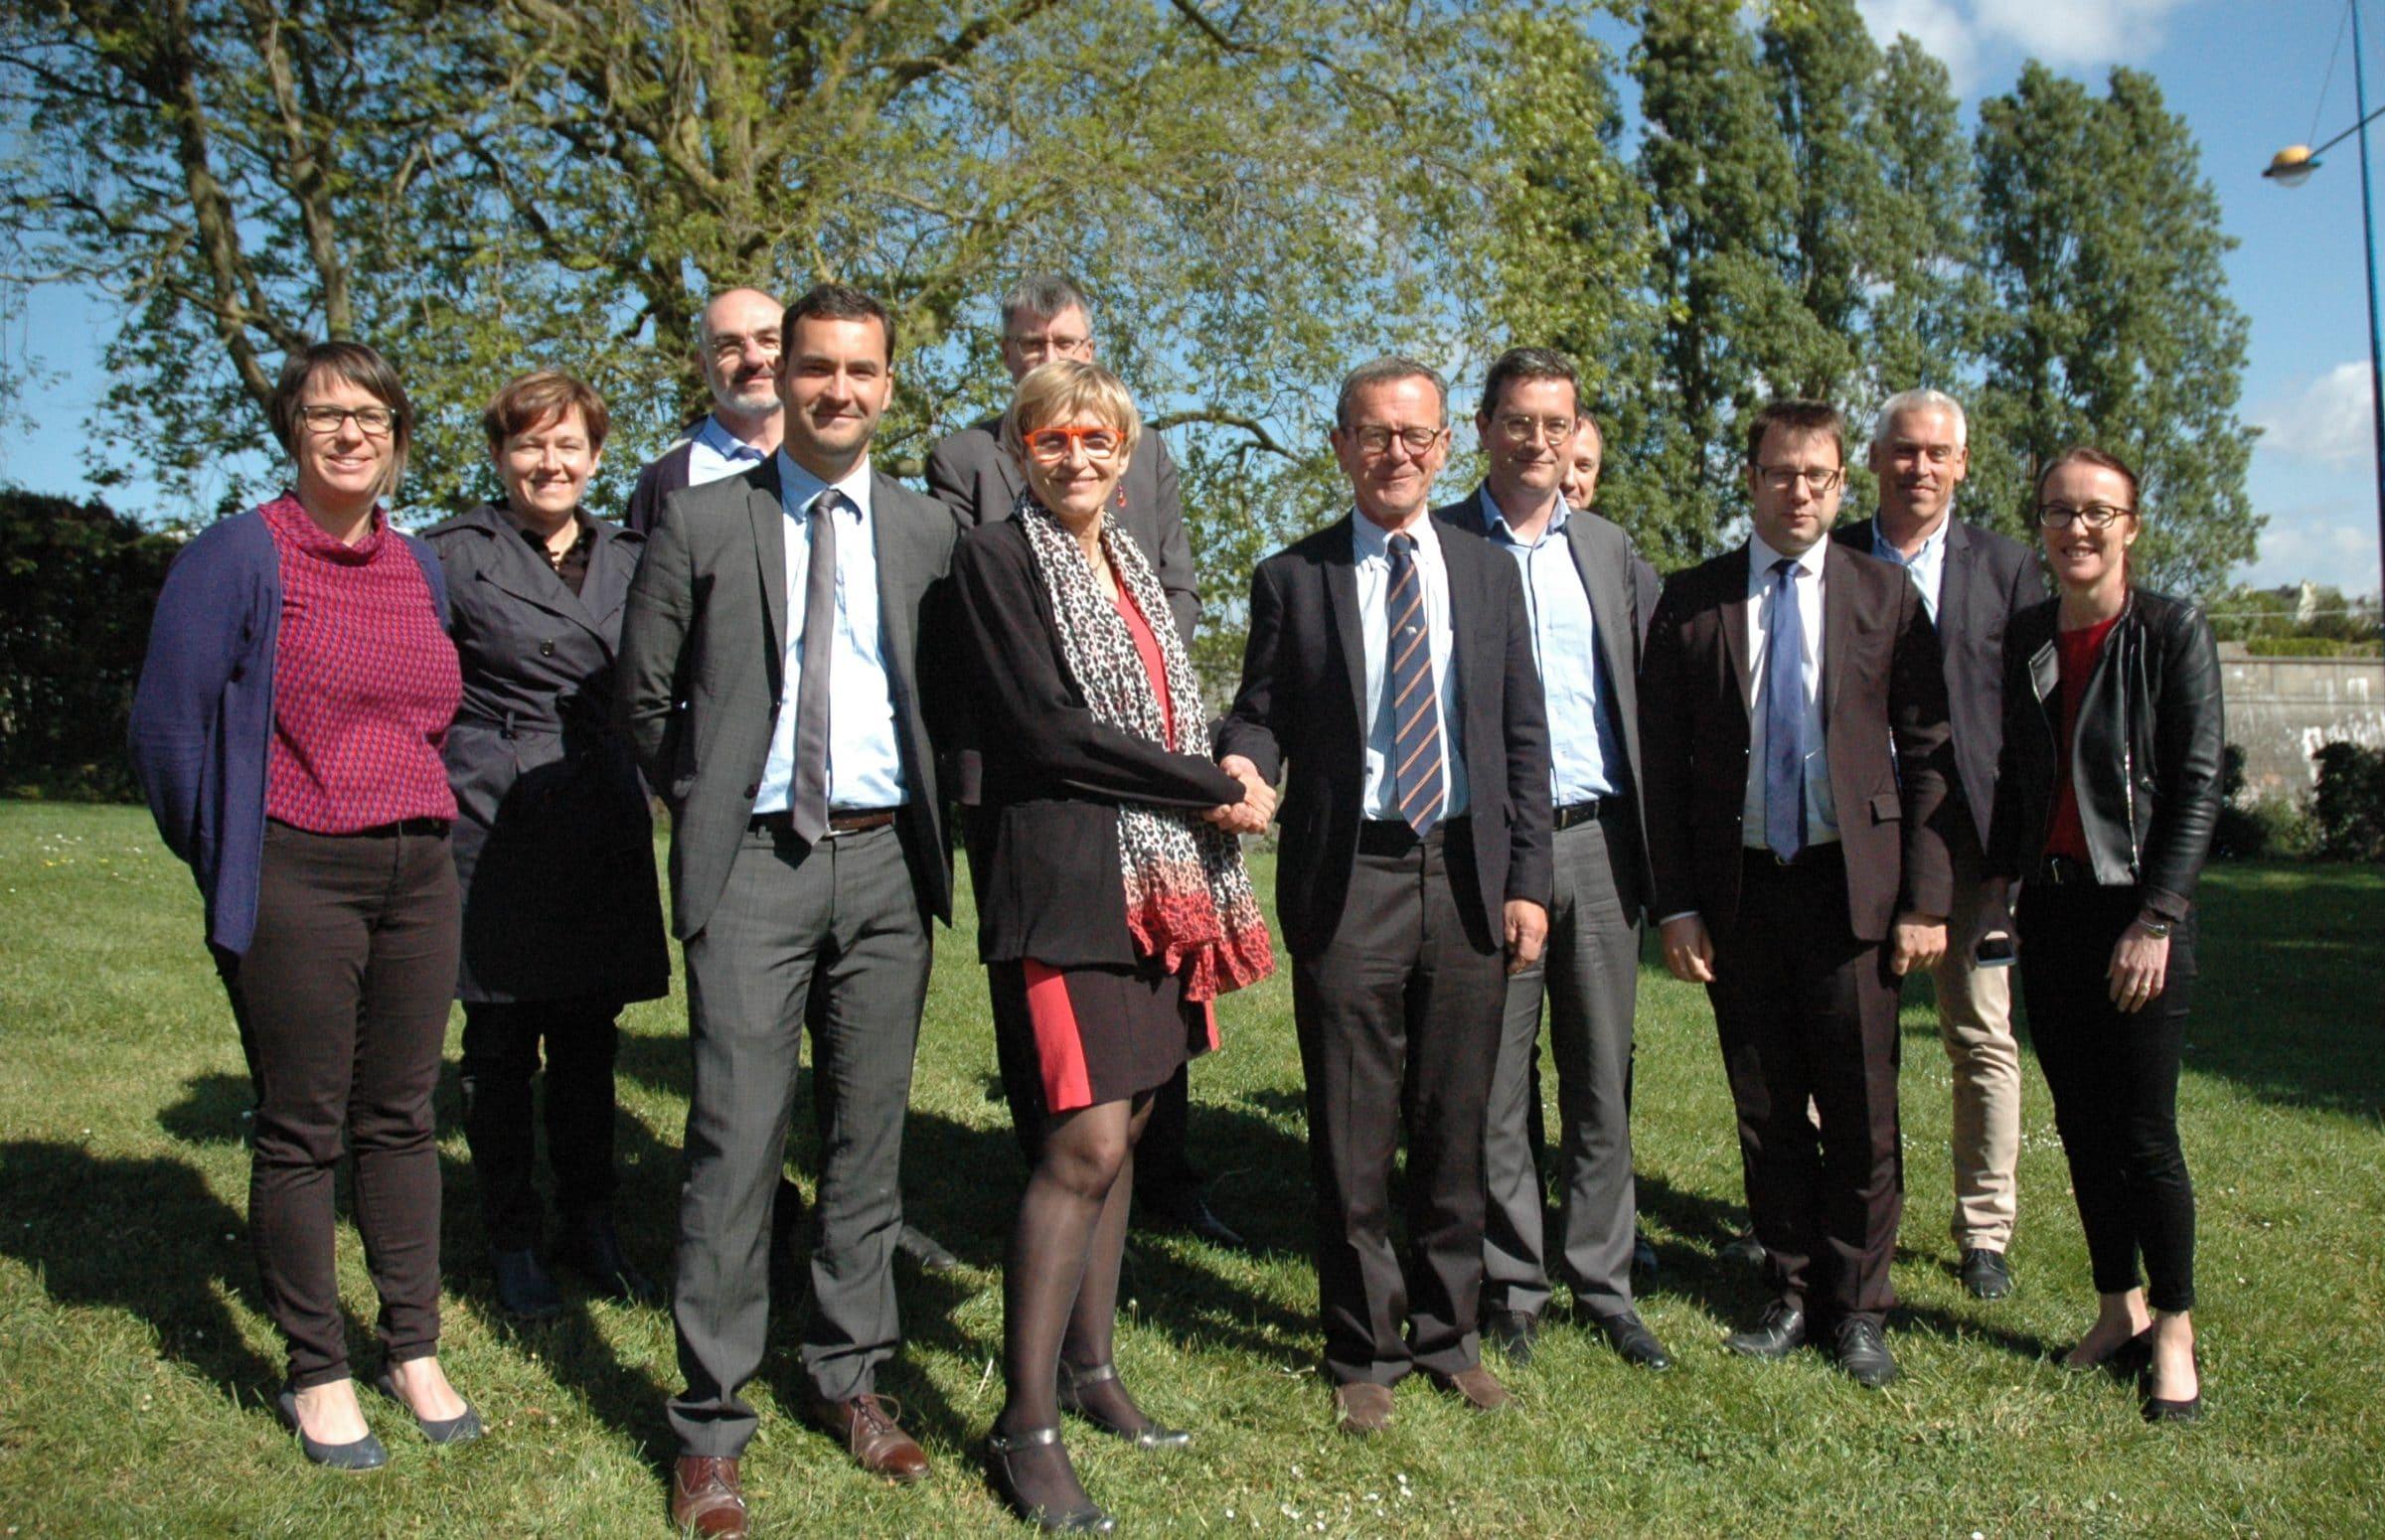 Assemblée générale 2017 des 7 Technopoles bretonnes. Thérèse Thiery élue à la présidence de l'association des 7TB